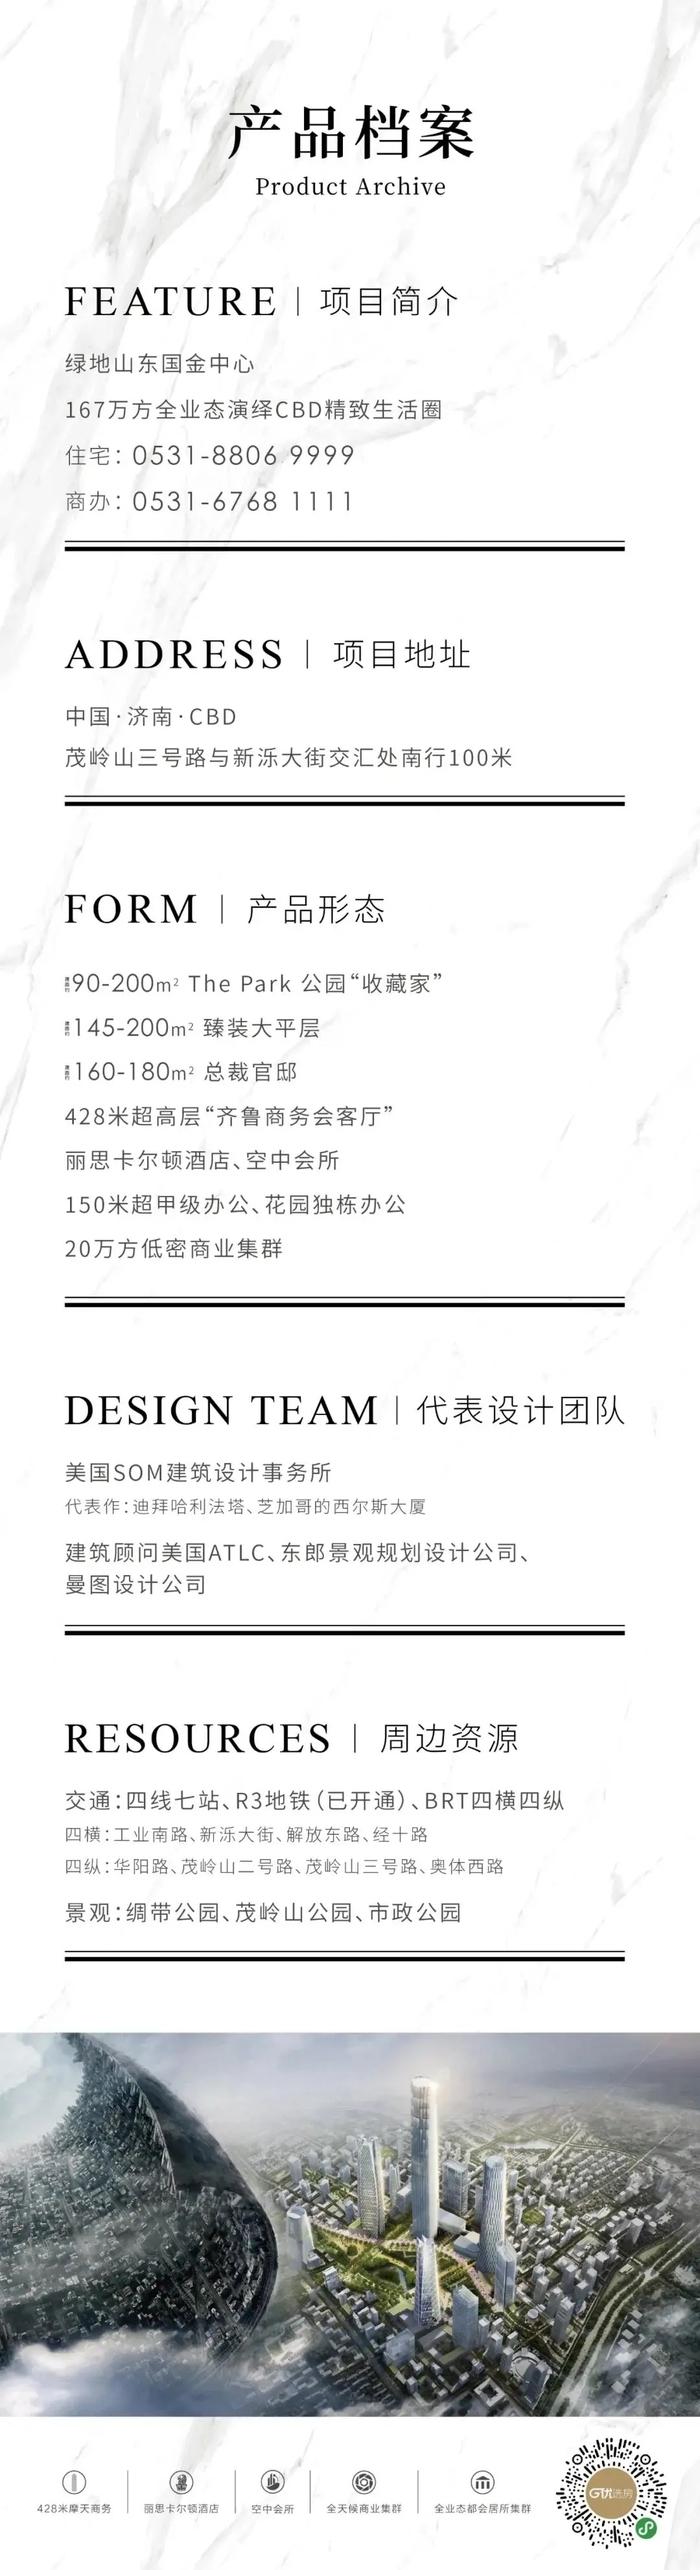 """""""天才与疯子""""的世纪碰撞——毕加索&达利真迹展5月1日空降济南绿地IFC"""